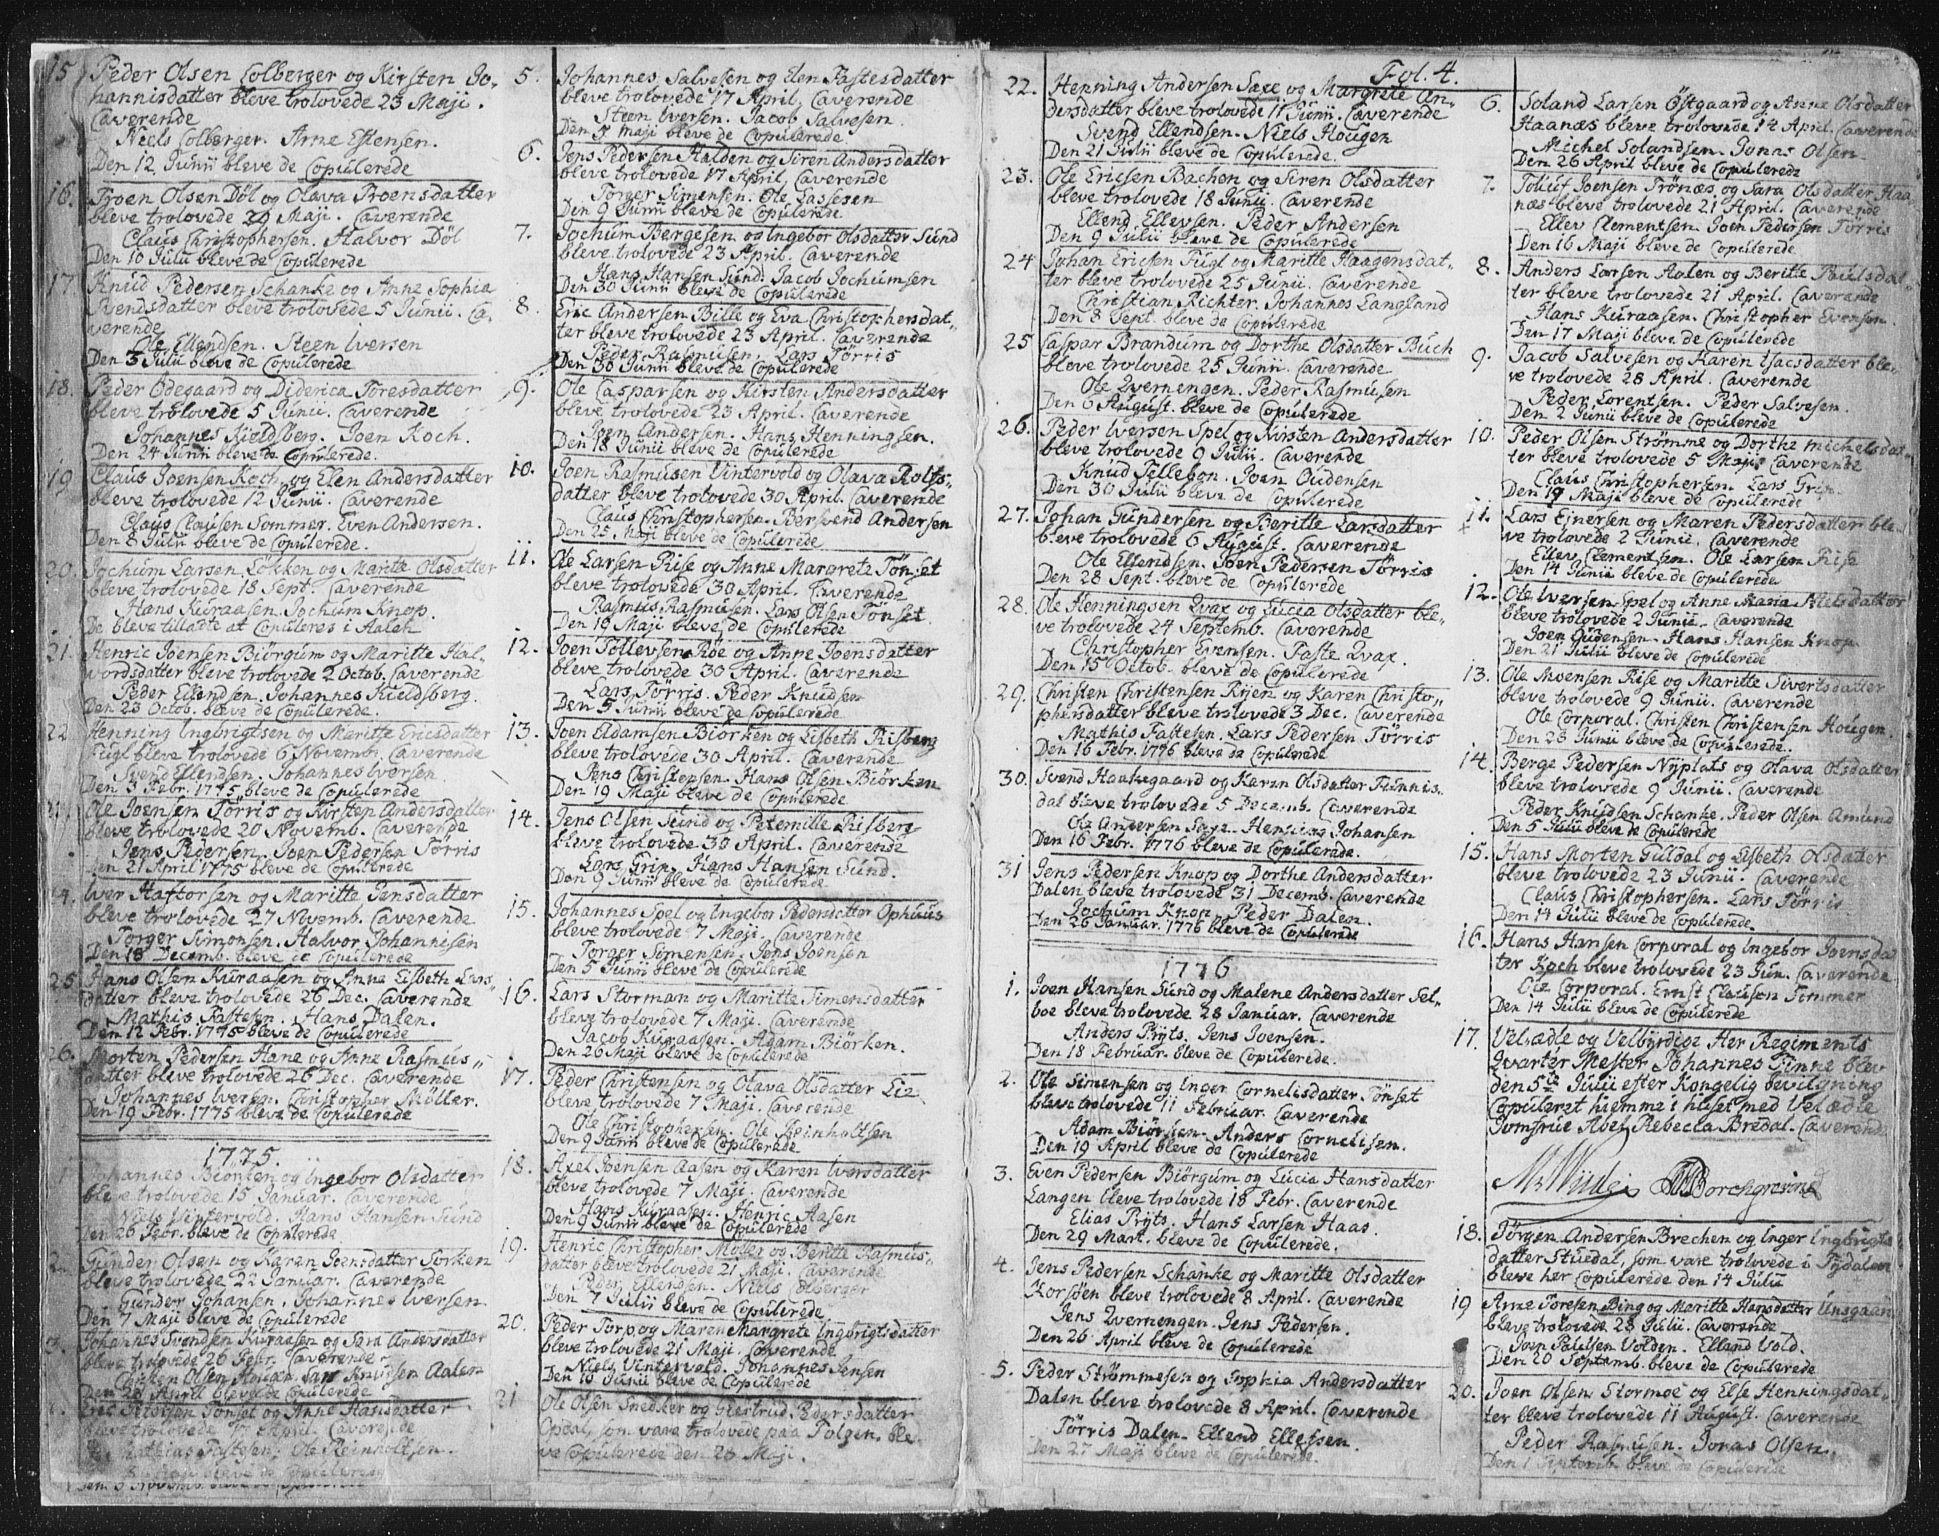 SAT, Ministerialprotokoller, klokkerbøker og fødselsregistre - Sør-Trøndelag, 681/L0926: Ministerialbok nr. 681A04, 1767-1797, s. 4